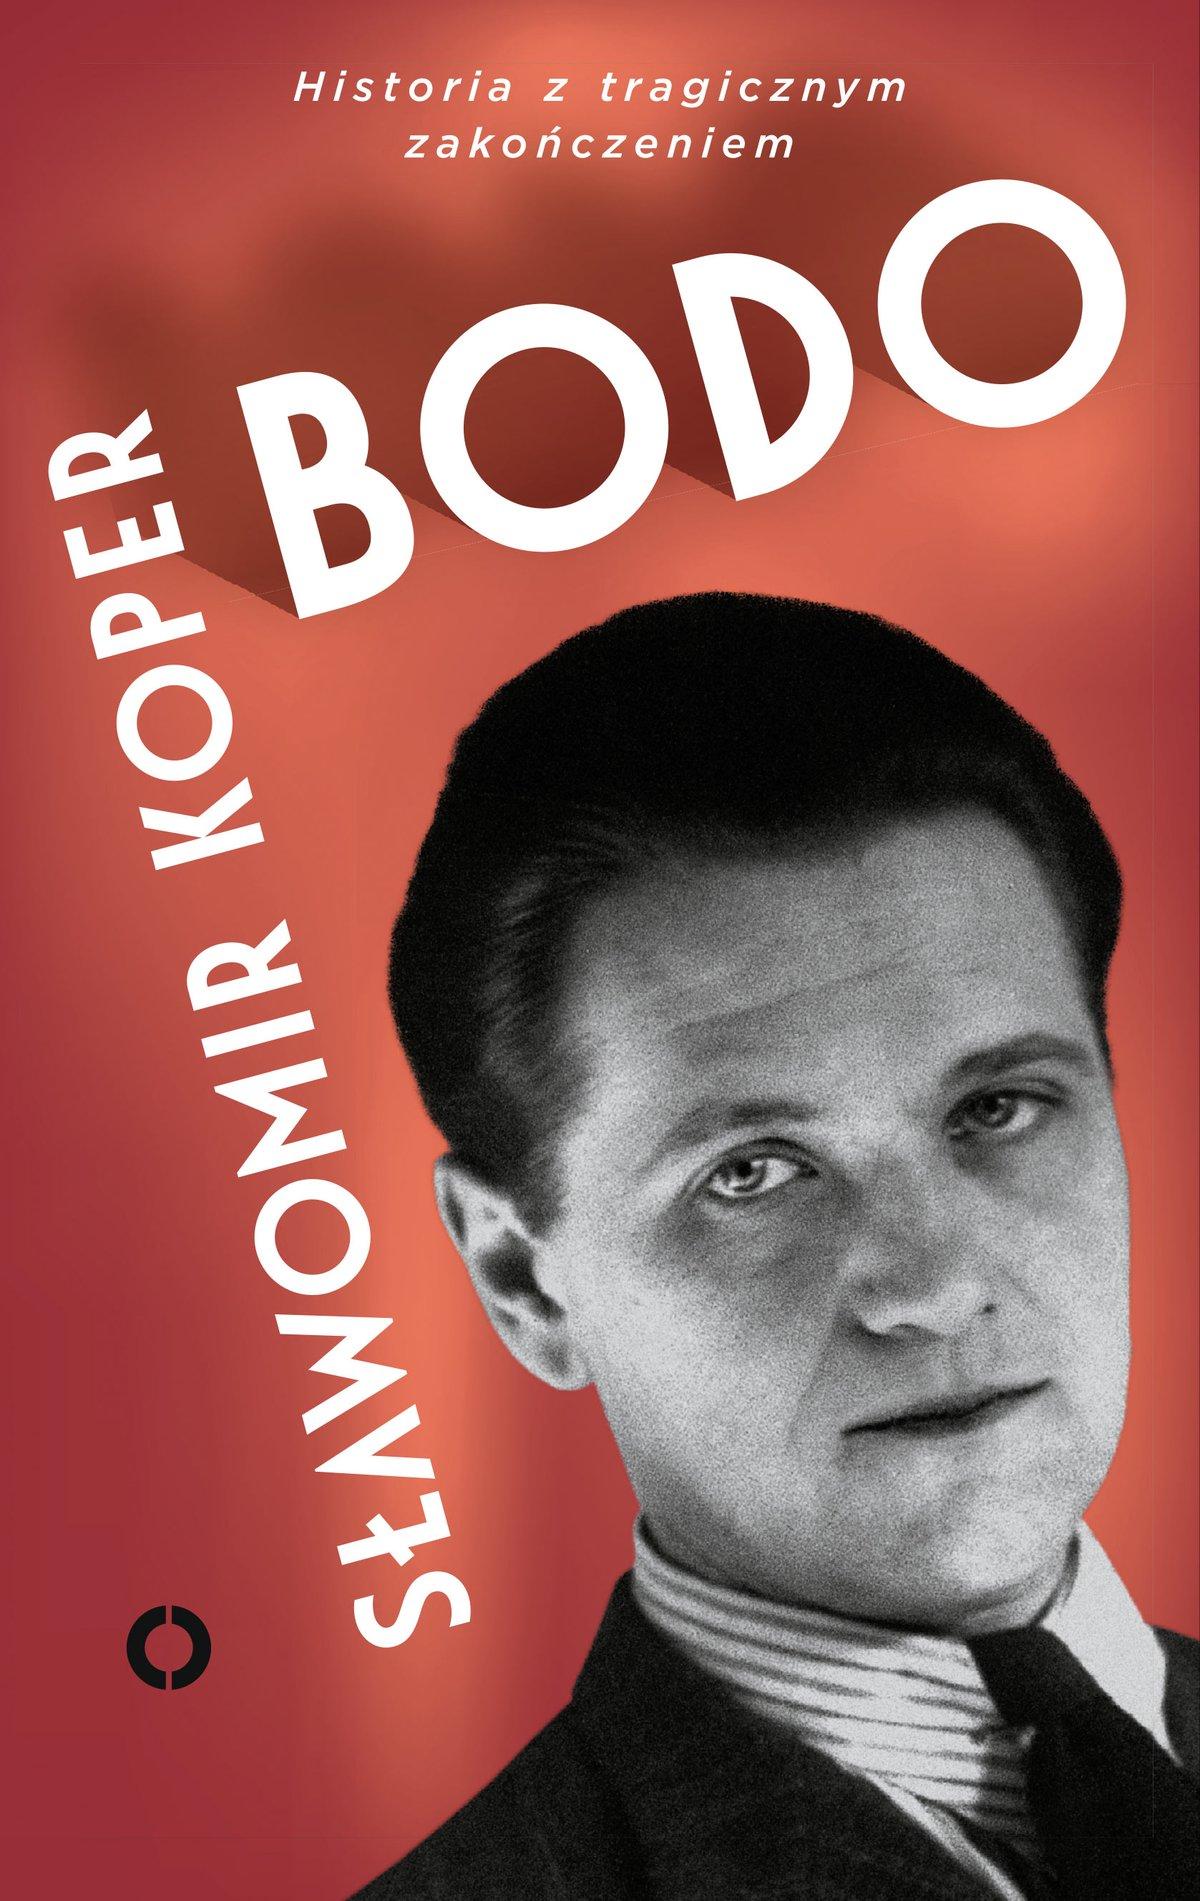 Bodo. Historia z tragicznym zakończeniem - Ebook (Książka EPUB) do pobrania w formacie EPUB